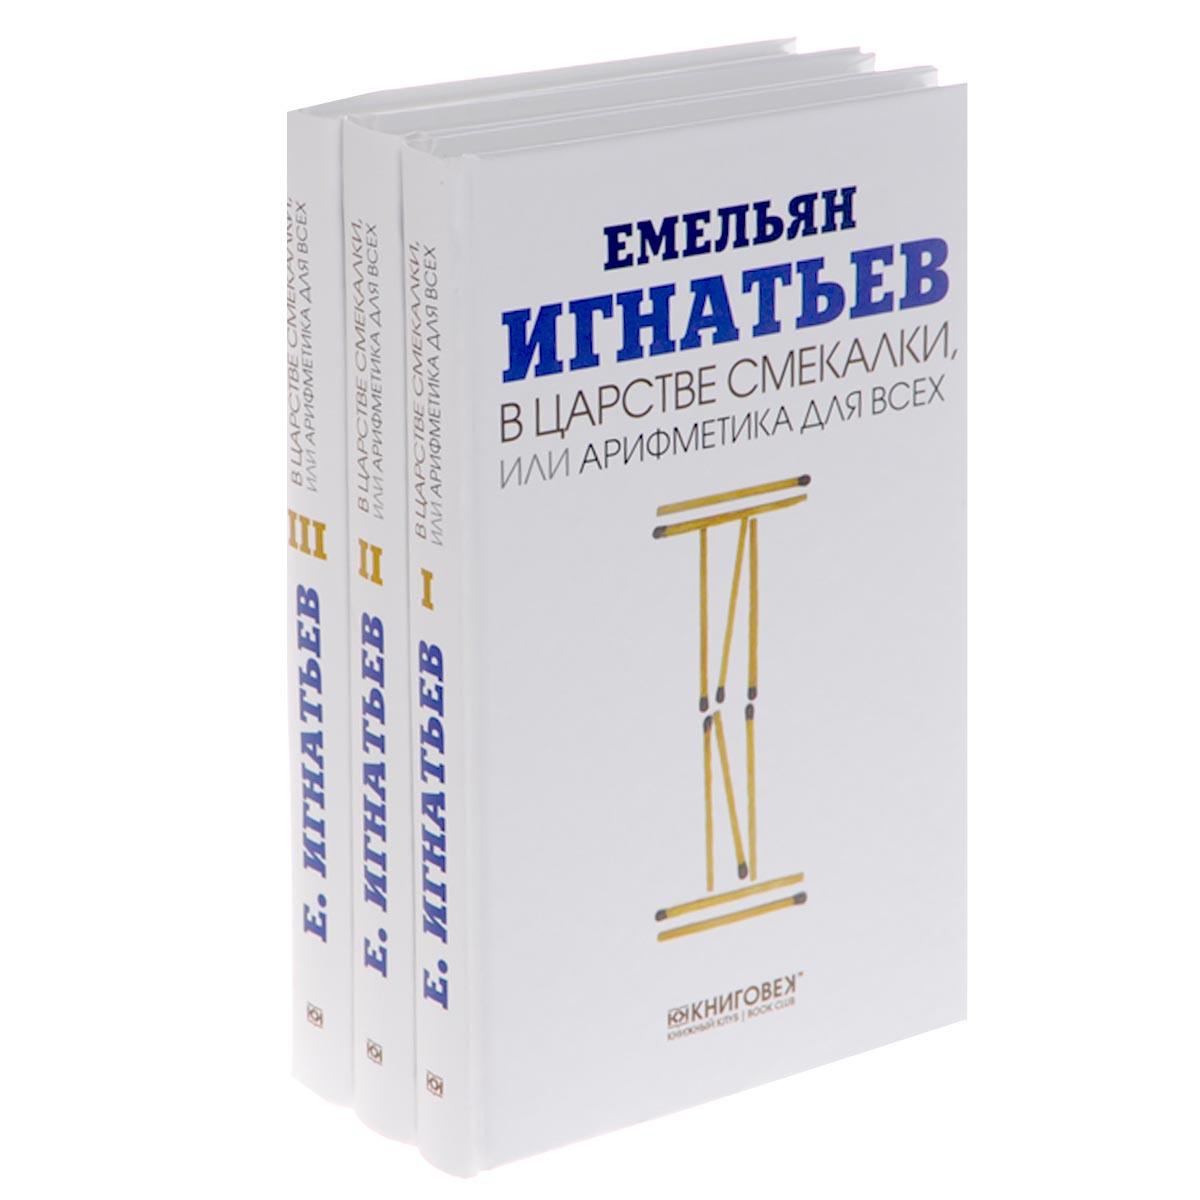 Емельян Игнатьев В царстве смекалки, или Арифметика для всех (комплект из 3 книг)